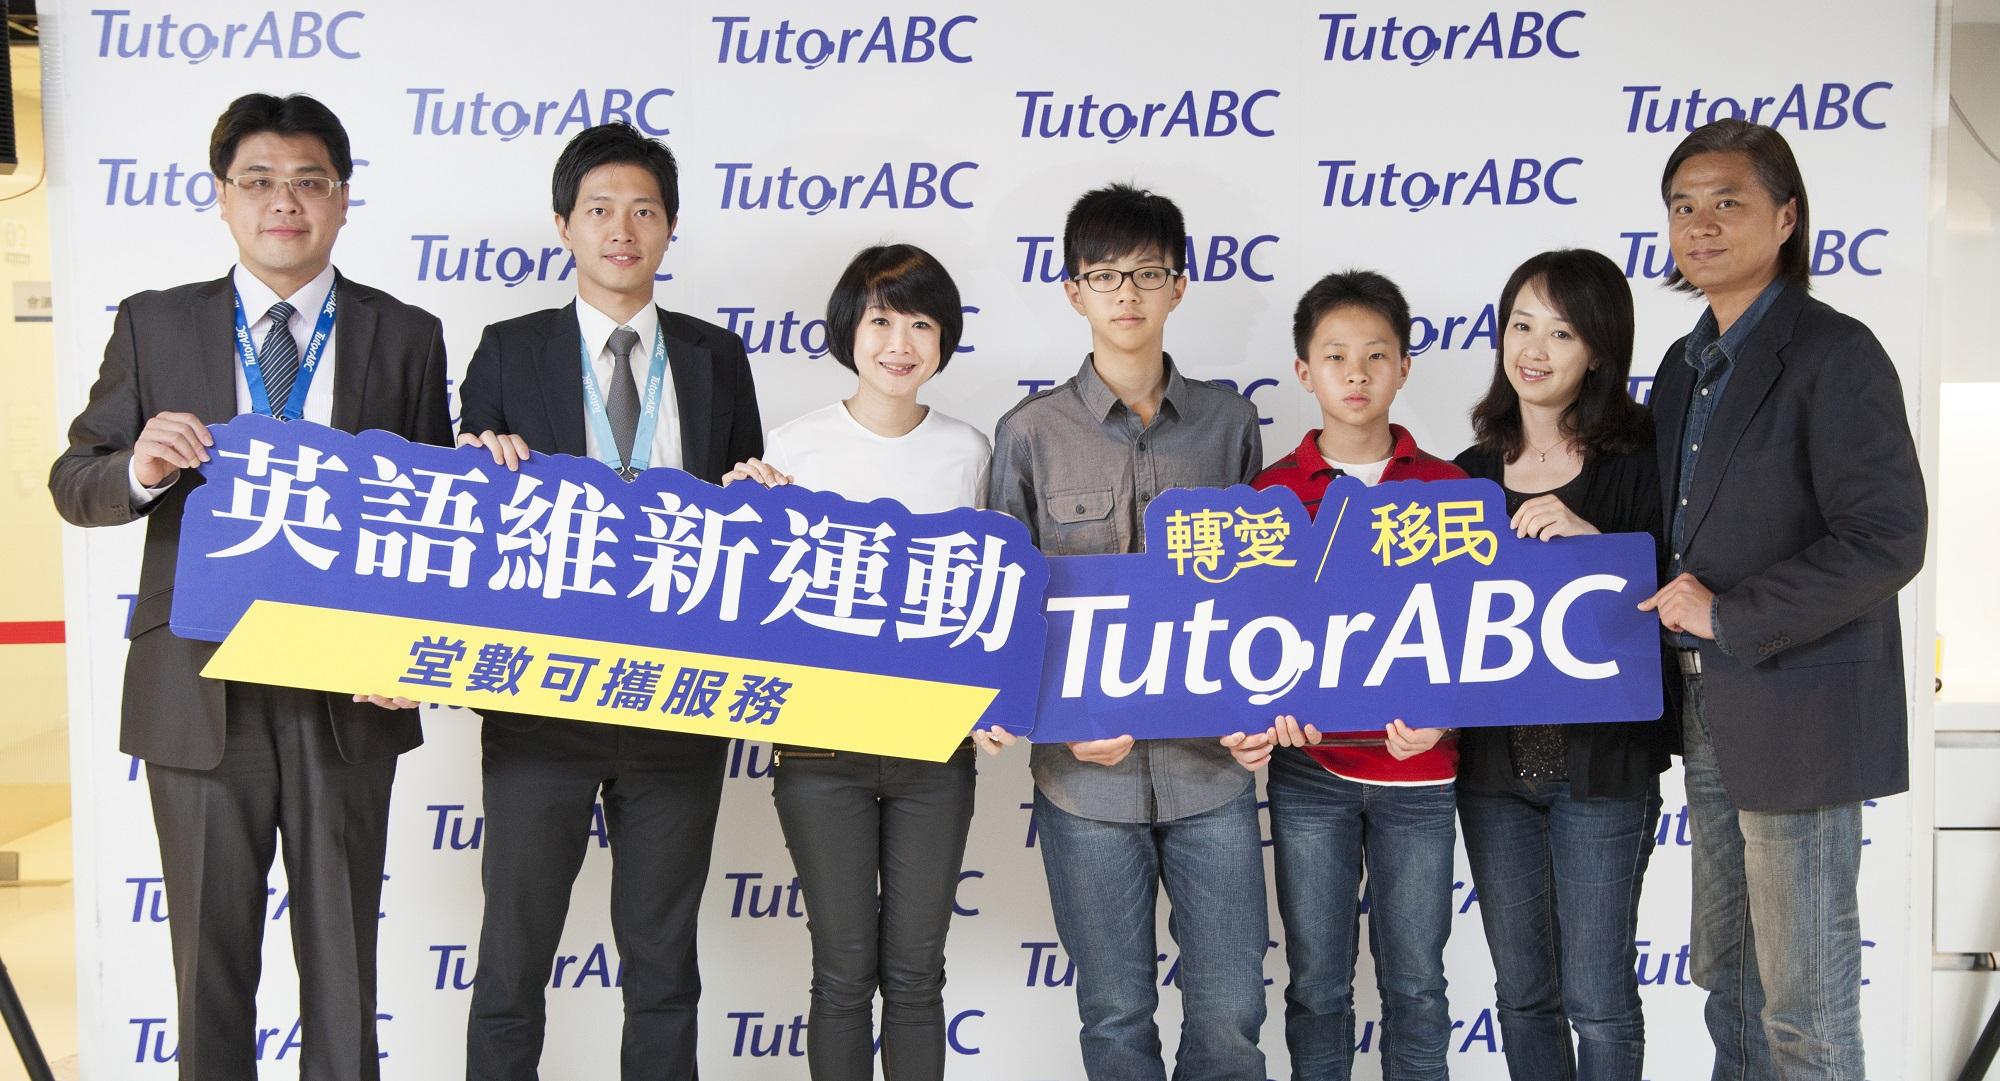 TutorABC業務副總 林伯翰與品牌暨公關副總經理趙心屏及見證人 合影齊聲擁抱TutorABC